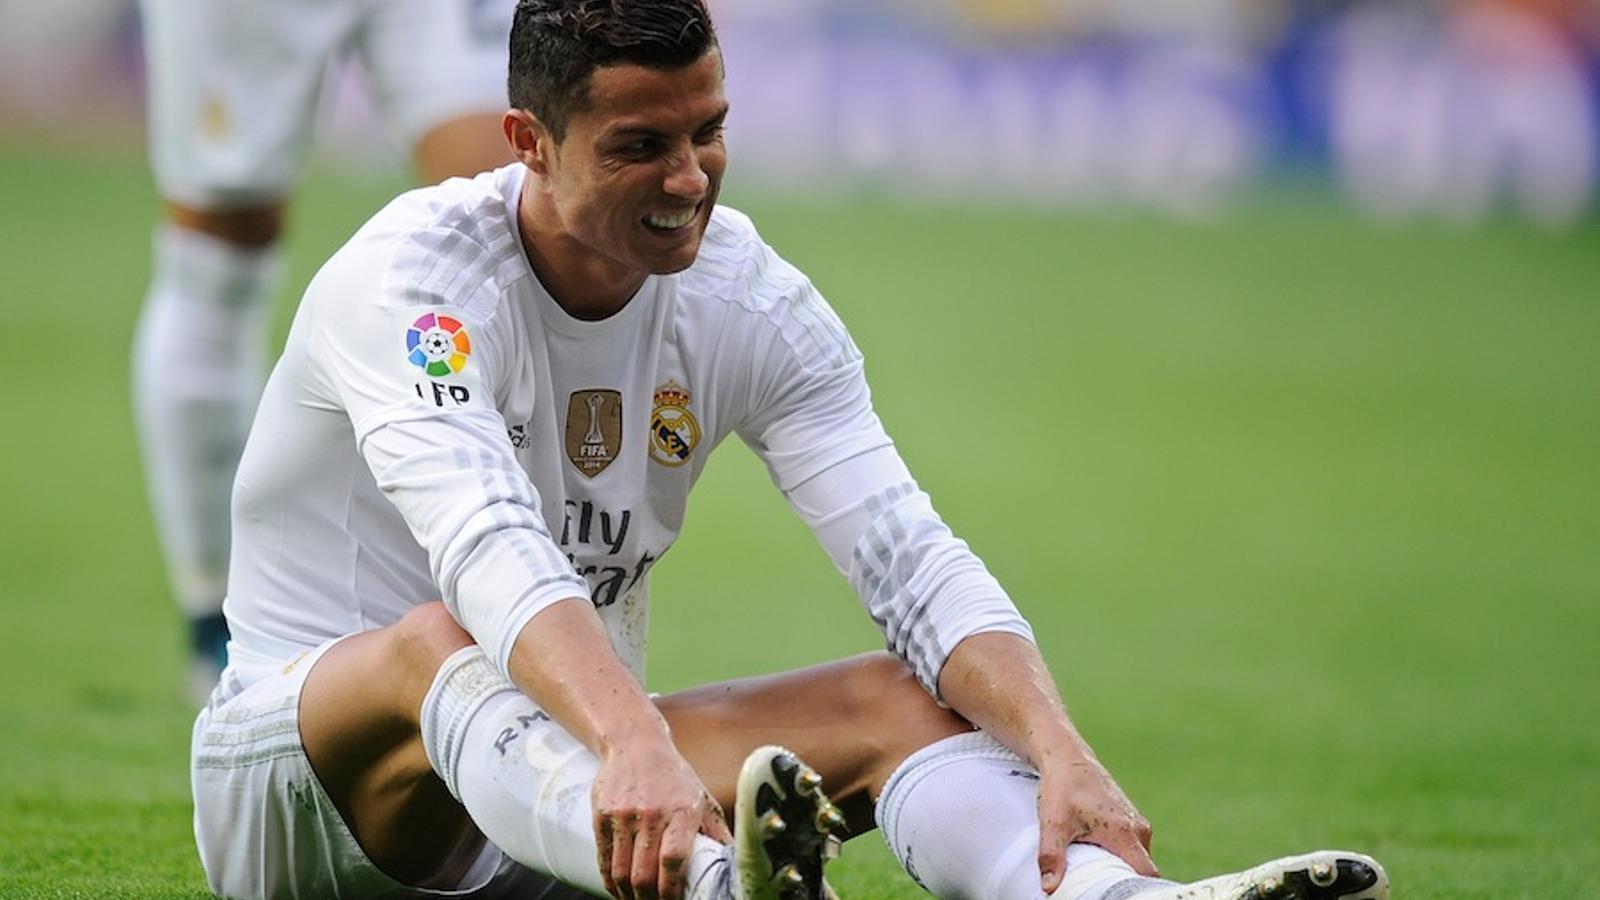 Cristiano Ronaldo / GETTY